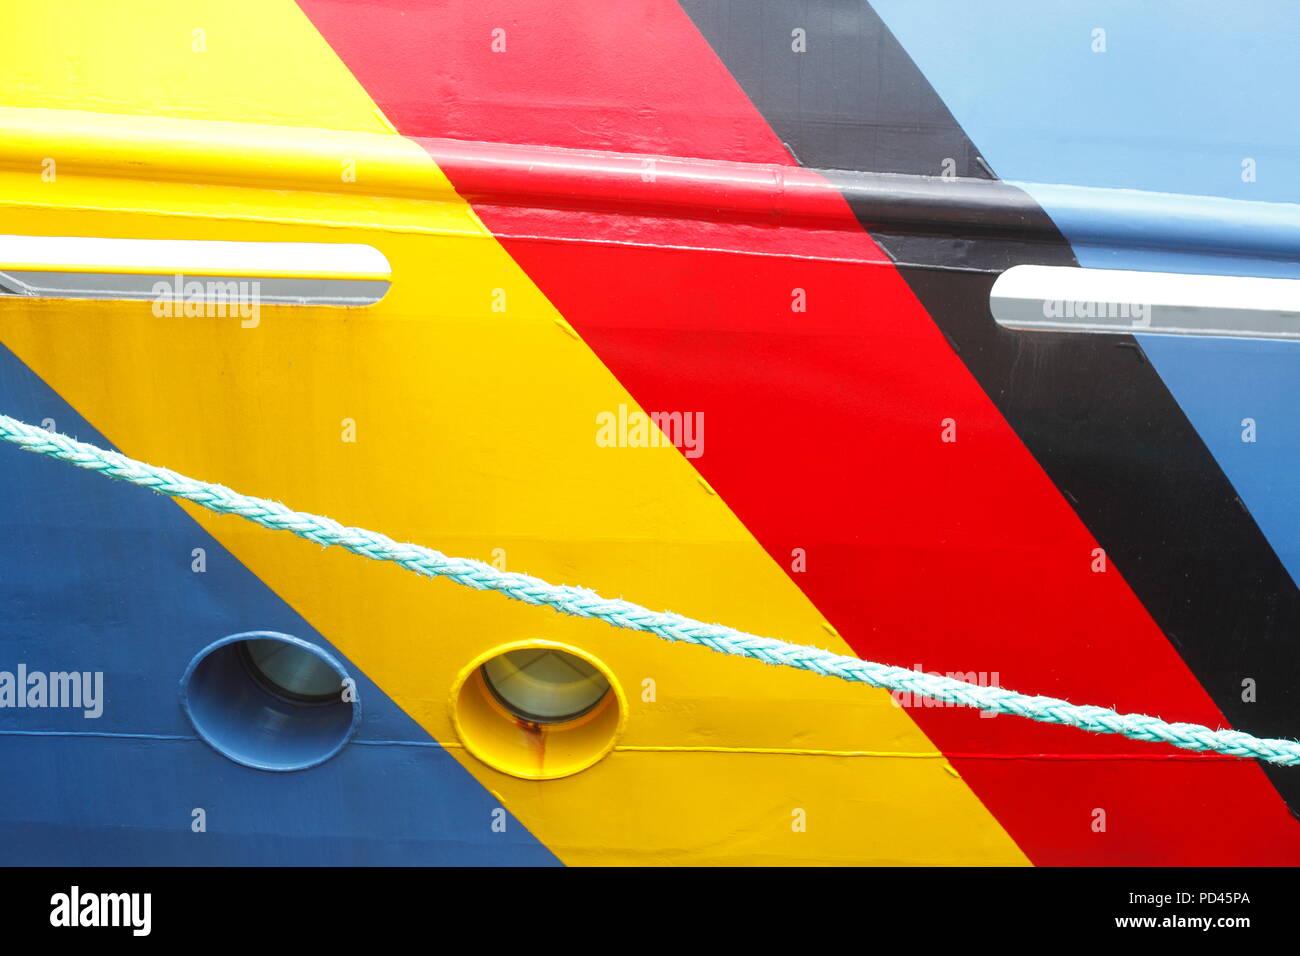 German national flag painted on a ship's wall, Bremerhaven, Bremen, Germany, Europe  I Deutsche Nationalflagge auf eine Schiffswand gemalt, Bremerhave - Stock Image